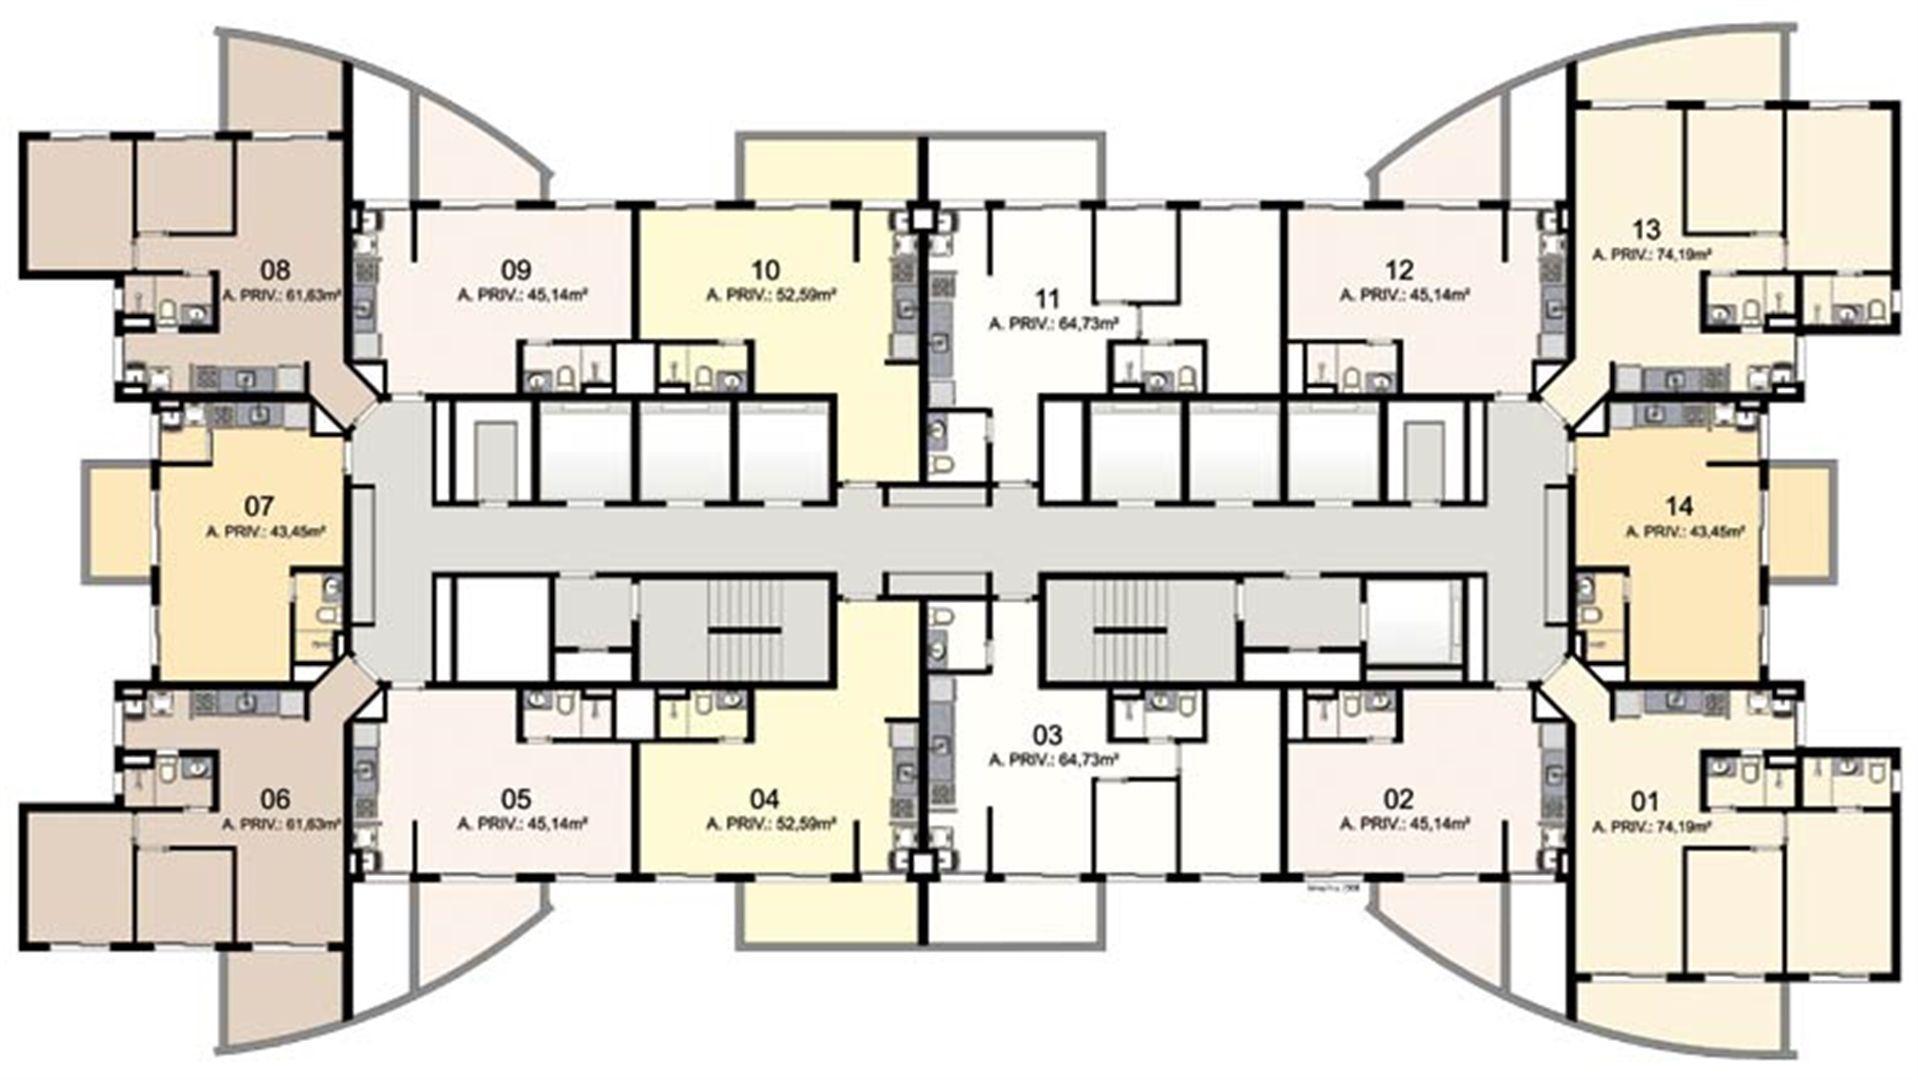 15º ao 18º pavimento | Mandarim Salvador Shopping – Apartamento  Ao lado do Salvador Shopping - Salvador - Bahia